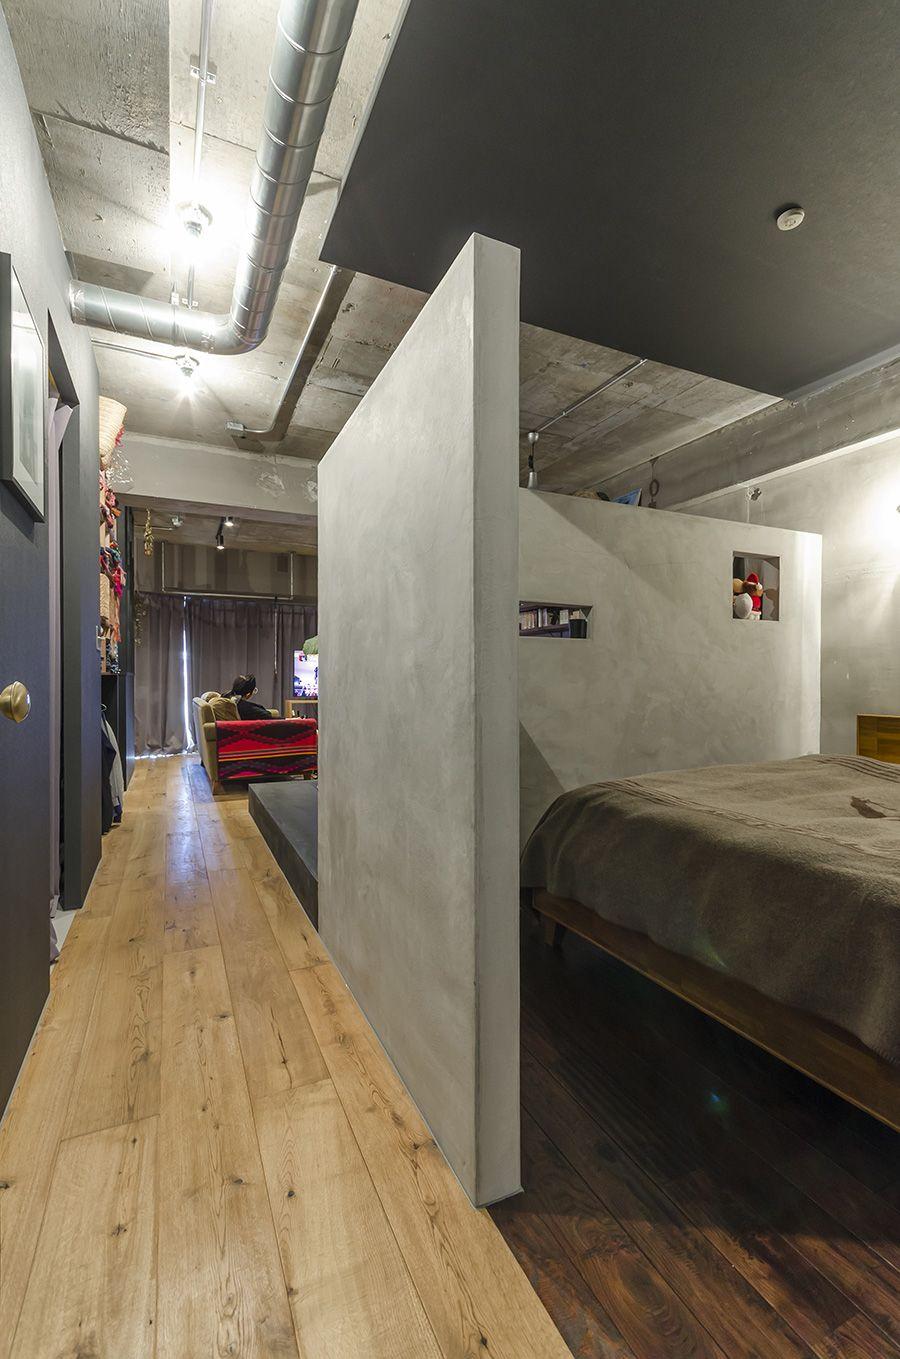 北欧スタイルから西海岸風へ旅する夫婦の新しい暮らし 小さな部屋のインテリア 自宅で 家